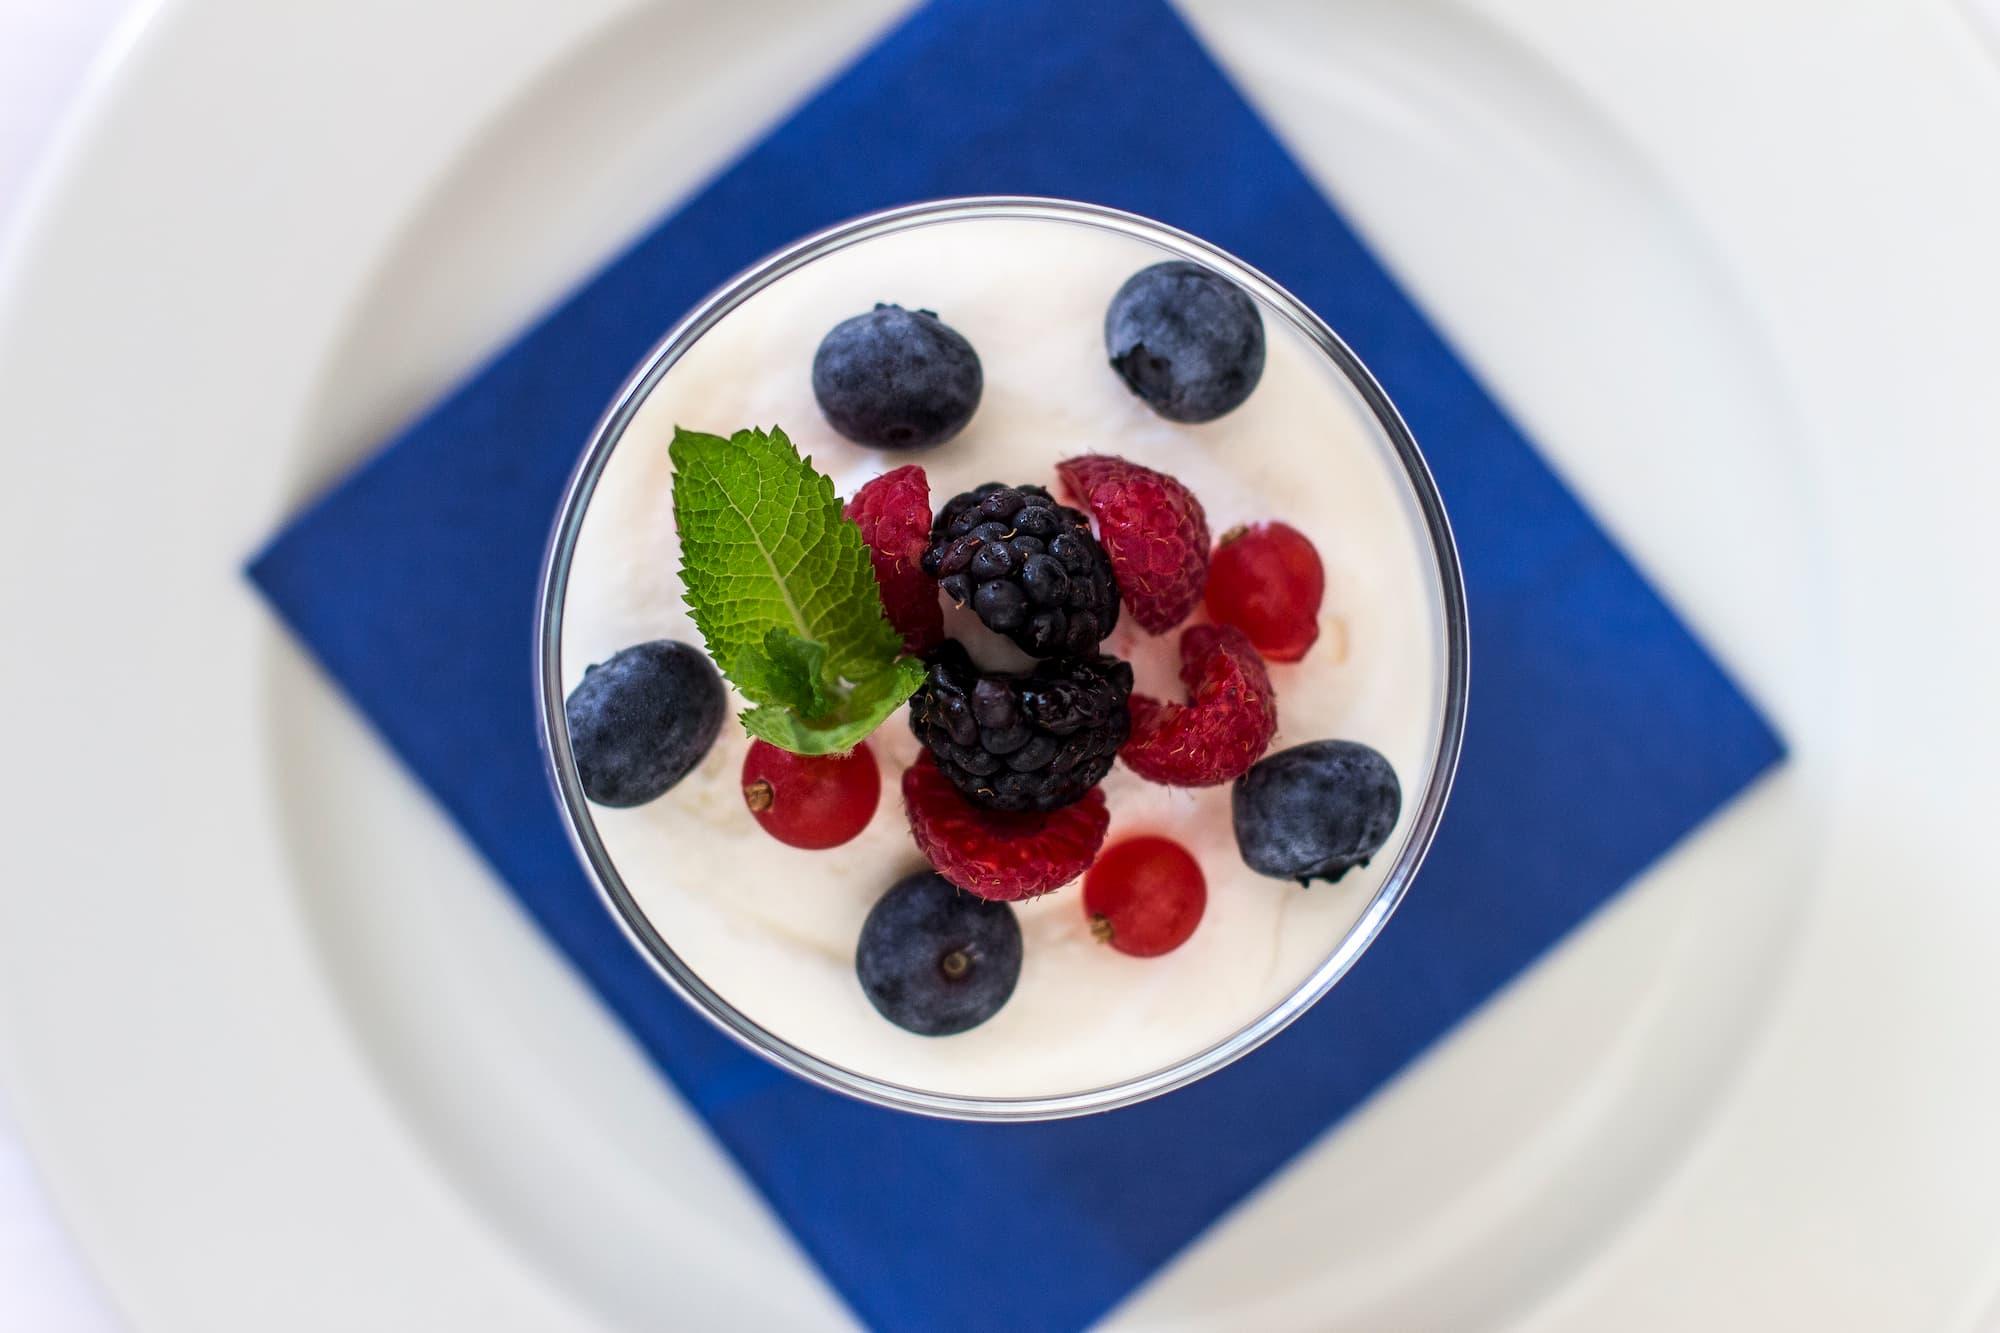 Foto food per ristorante